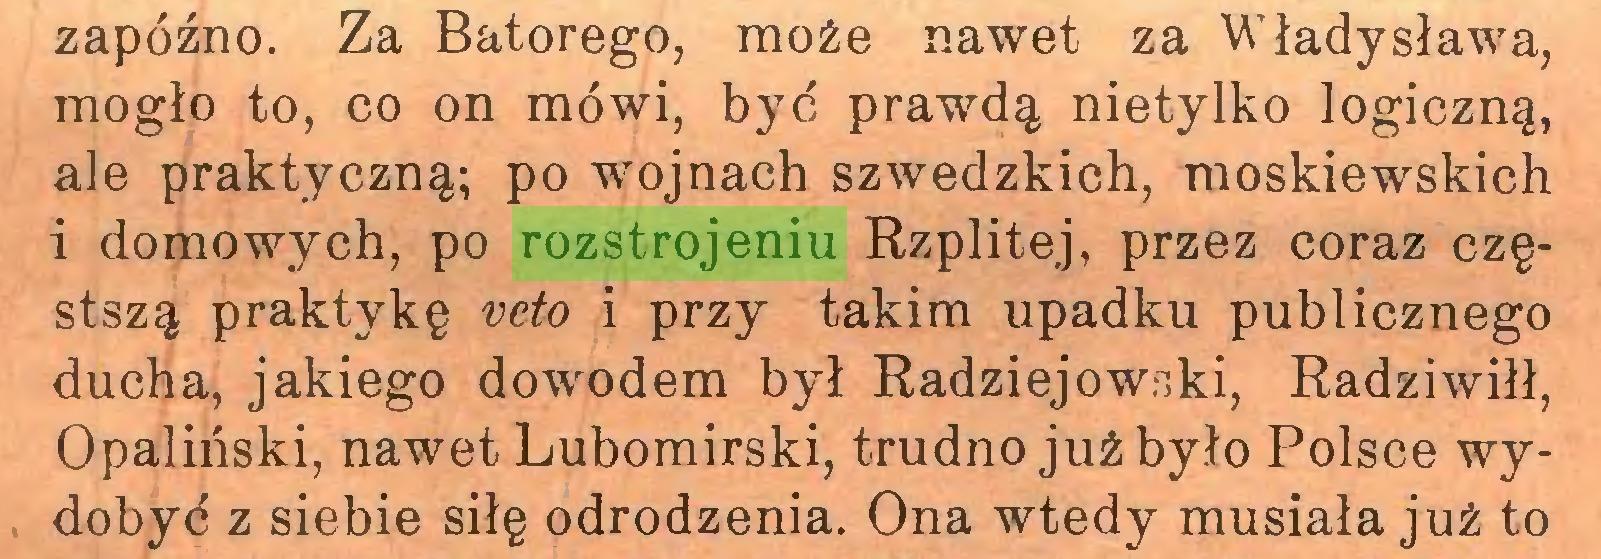 (...) zapóźno. Za Batorego, może nawet za Władysława, mogło to, co on mówi, być prawdą nietylko logiczną, ale praktyczną; po wojnach szwedzkich, moskiewskich i domowych, po rozstrojeniu Rzplitej, przez coraz częstszą praktykę veto i przy takim upadku publicznego ducha, jakiego dowodem był Radziejowski, Radziwiłł, Opaliński, nawet Lubomirski, trudno już było Polsce wydobyć z siebie siłę odrodzenia. Ona wtedy musiała już to...